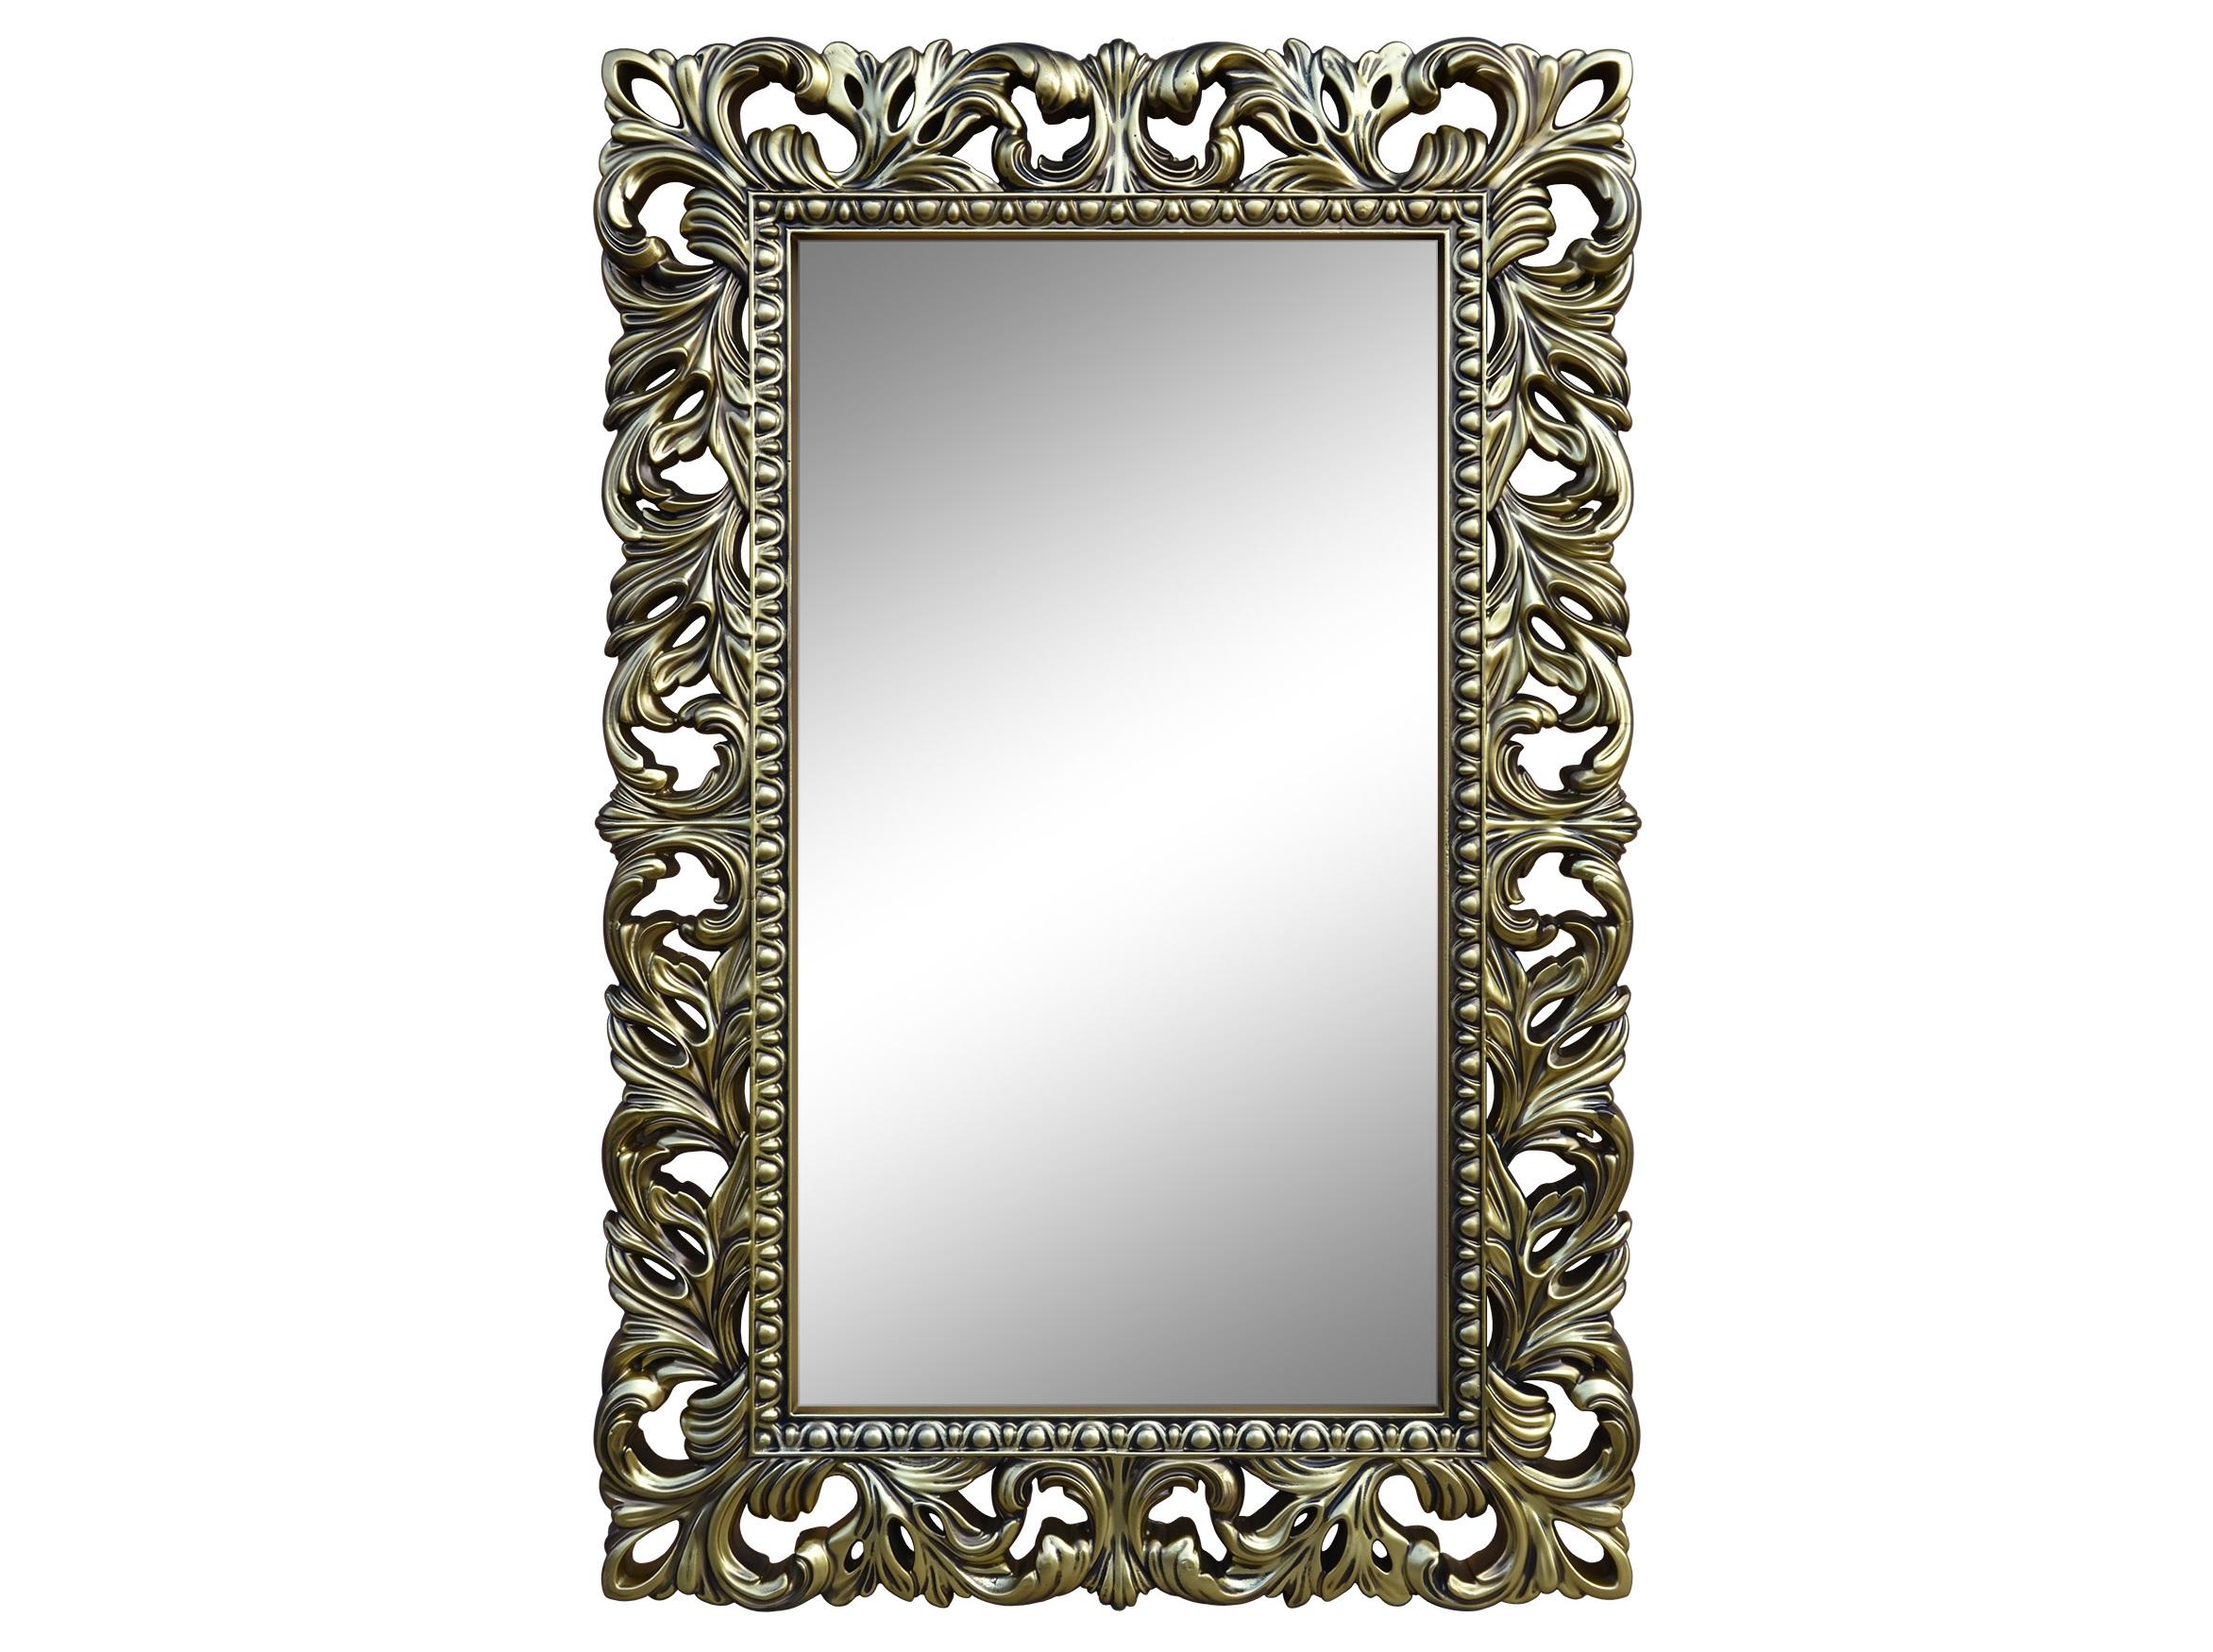 ЗеркалоНастенные зеркала<br>&amp;lt;div&amp;gt;Основные особенности ППУ: Безопасен для здоровья, не содержит вещества вызывающие аллергию, долговечность, надежность, жесткость, влагостойкость. Все декоративные красители - грунты, эмали, воски обладают высокой стойкостью.&amp;amp;nbsp;&amp;lt;/div&amp;gt;&amp;lt;div&amp;gt;Основное преимущество использованных материалов - это отсутствие запахов и быстрое высыхание, а также экологичность.&amp;amp;nbsp;&amp;lt;/div&amp;gt;&amp;lt;div&amp;gt;&amp;lt;br&amp;gt;&amp;lt;/div&amp;gt;&amp;lt;div&amp;gt;Рекомендации по уходу: бережная, влажная уборка.&amp;amp;nbsp;&amp;lt;/div&amp;gt;&amp;lt;div&amp;gt;Запрещается использование любых растворителей.&amp;lt;/div&amp;gt;<br><br>Material: Полиуретан<br>Length см: None<br>Width см: 75<br>Depth см: 4<br>Height см: 115